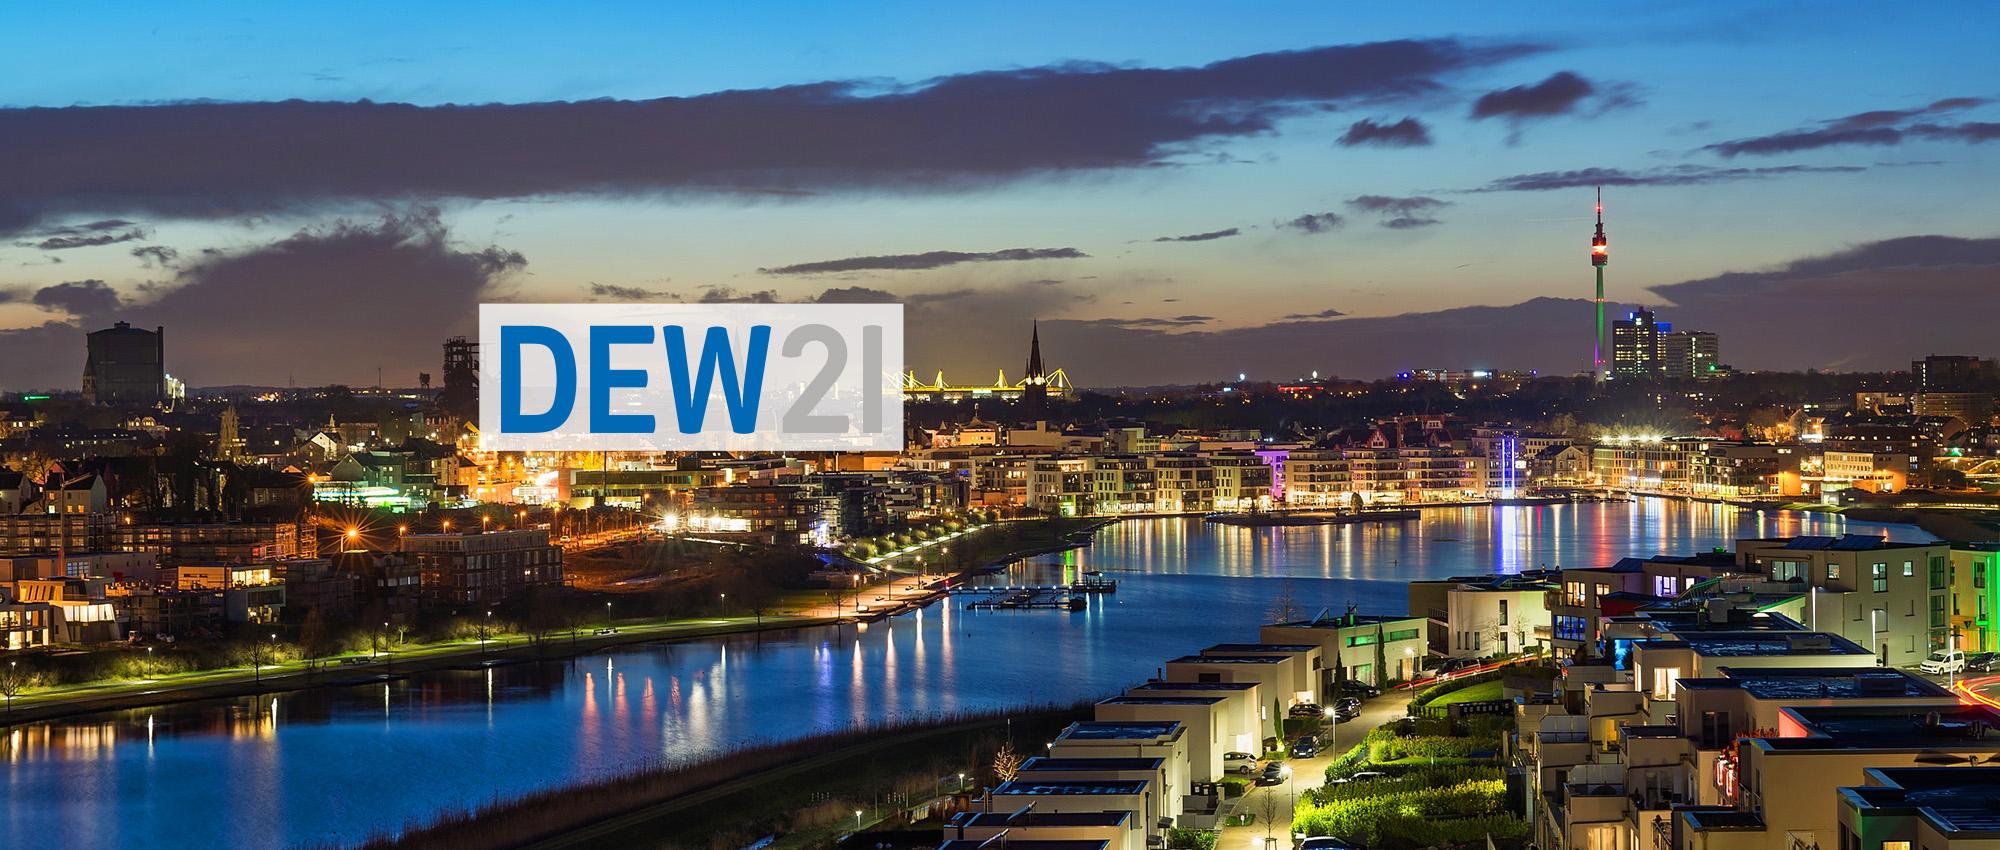 DEW21: Ein starker Investor und Partner